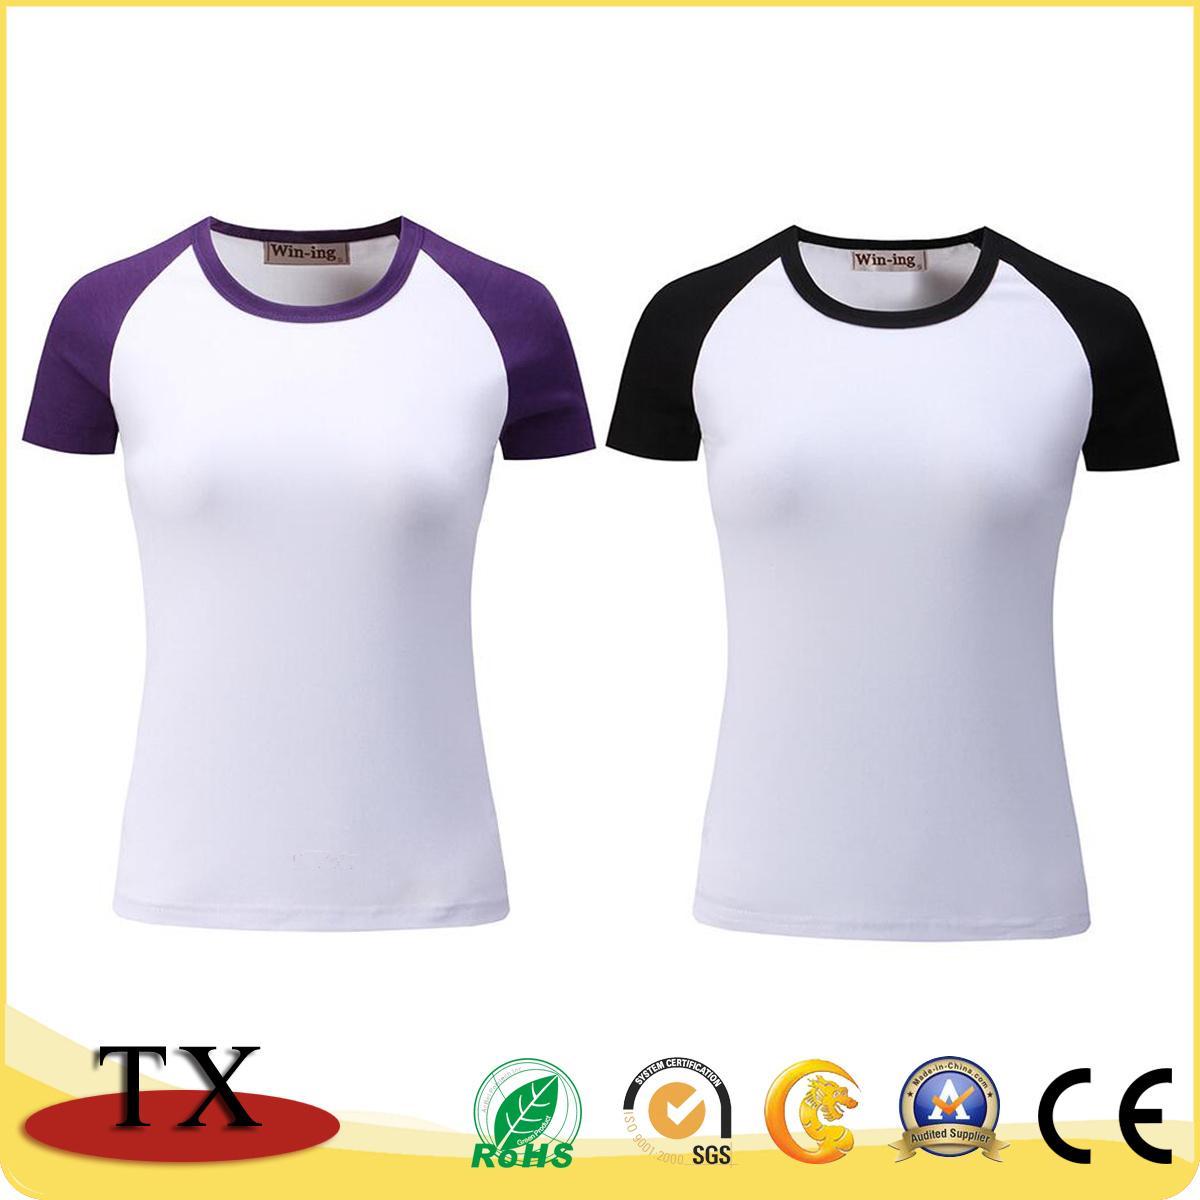 35b9d55a6 Companies That Make Custom T Shirts - DREAMWORKS